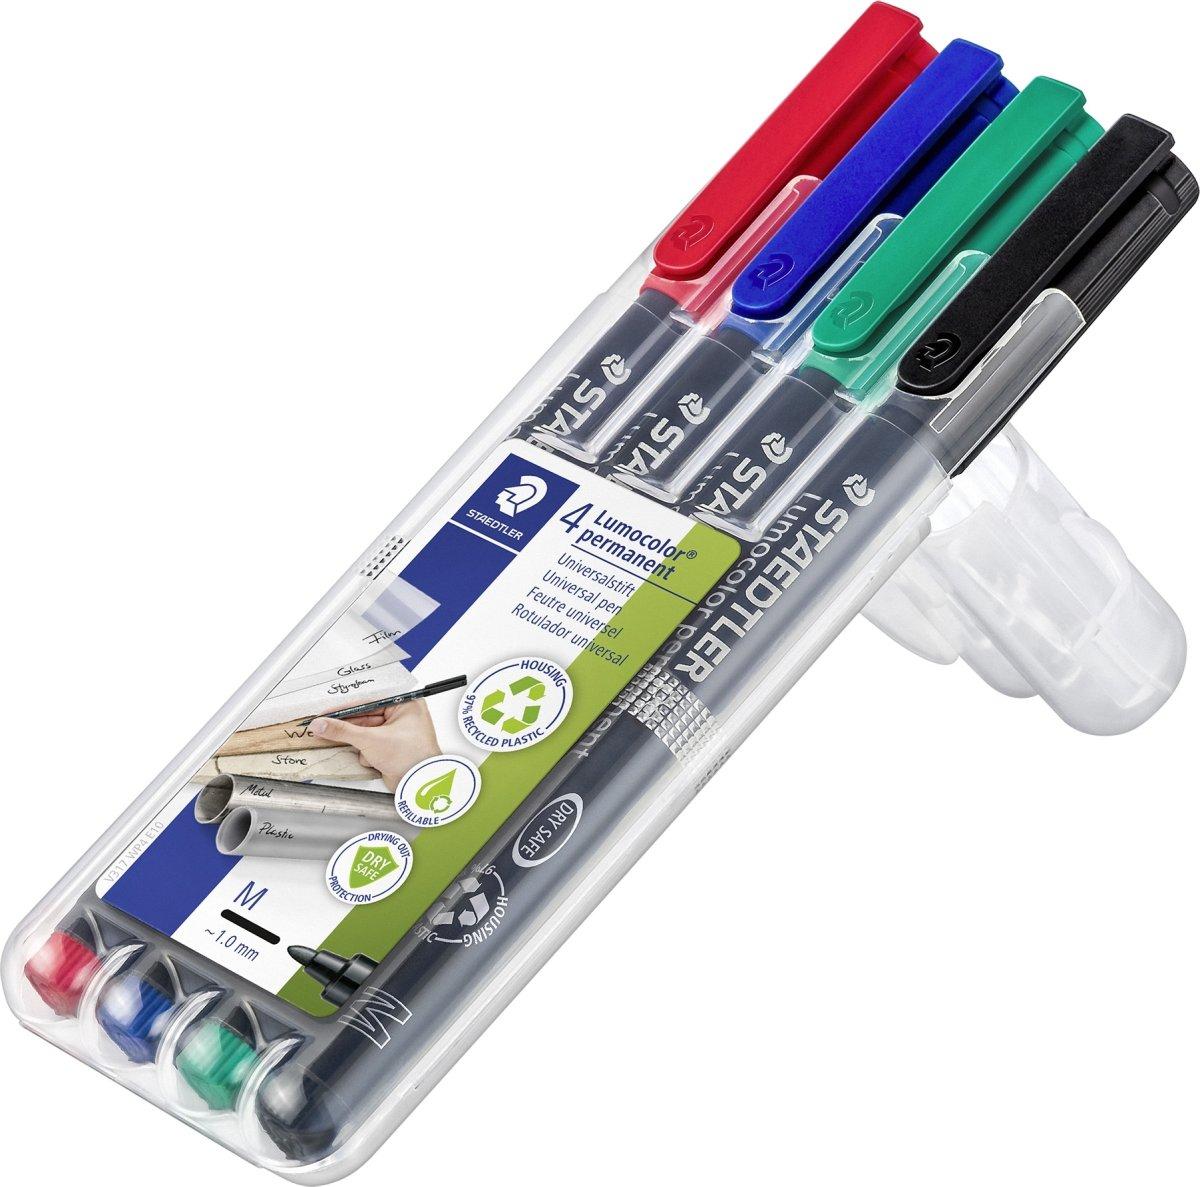 Staedtler Lumocolor universal marker, 1,0 mm, 4stk